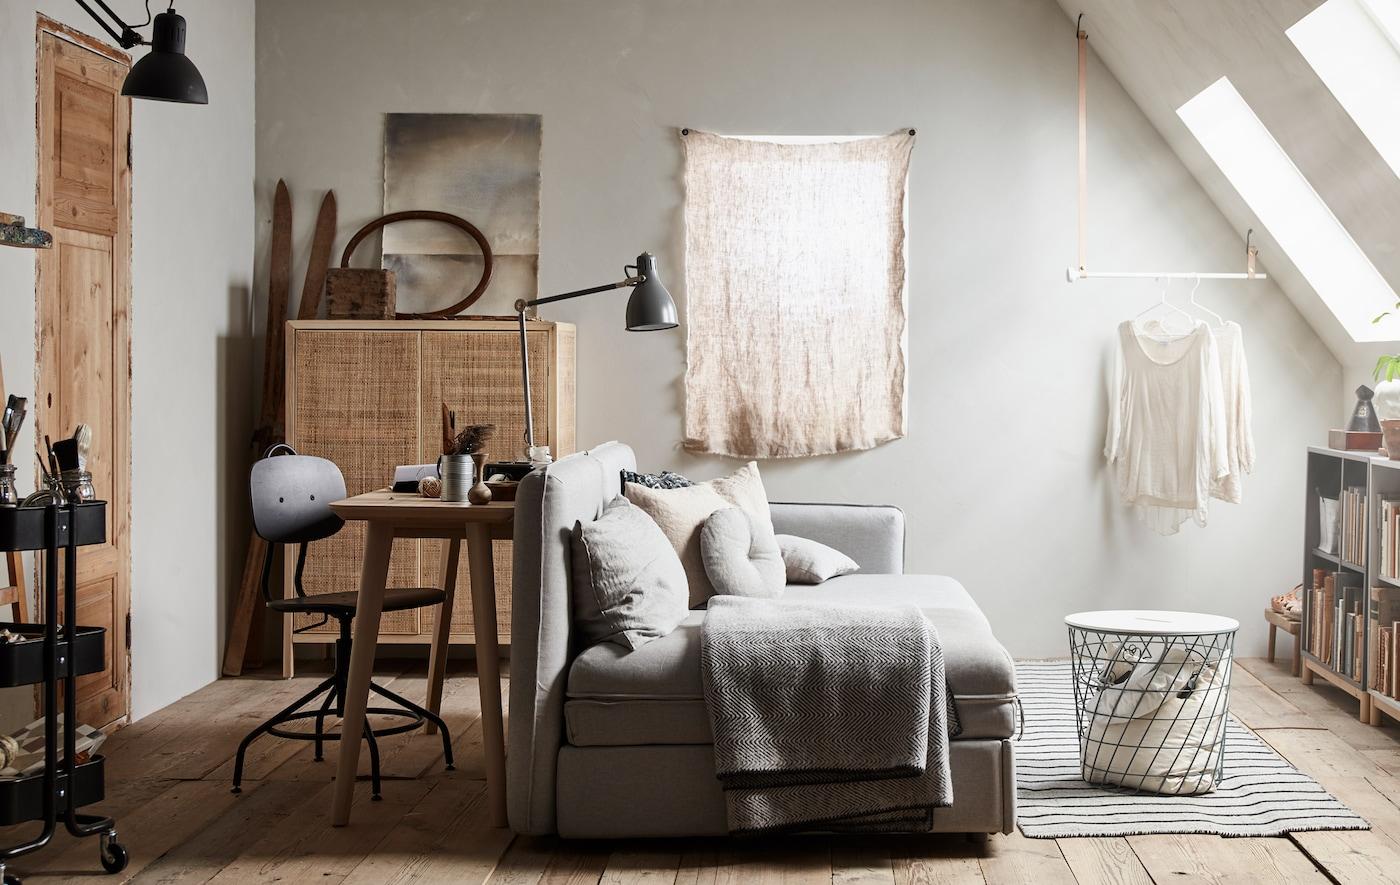 Camera per gli ospiti, ufficio, zona relax: tutto in uno